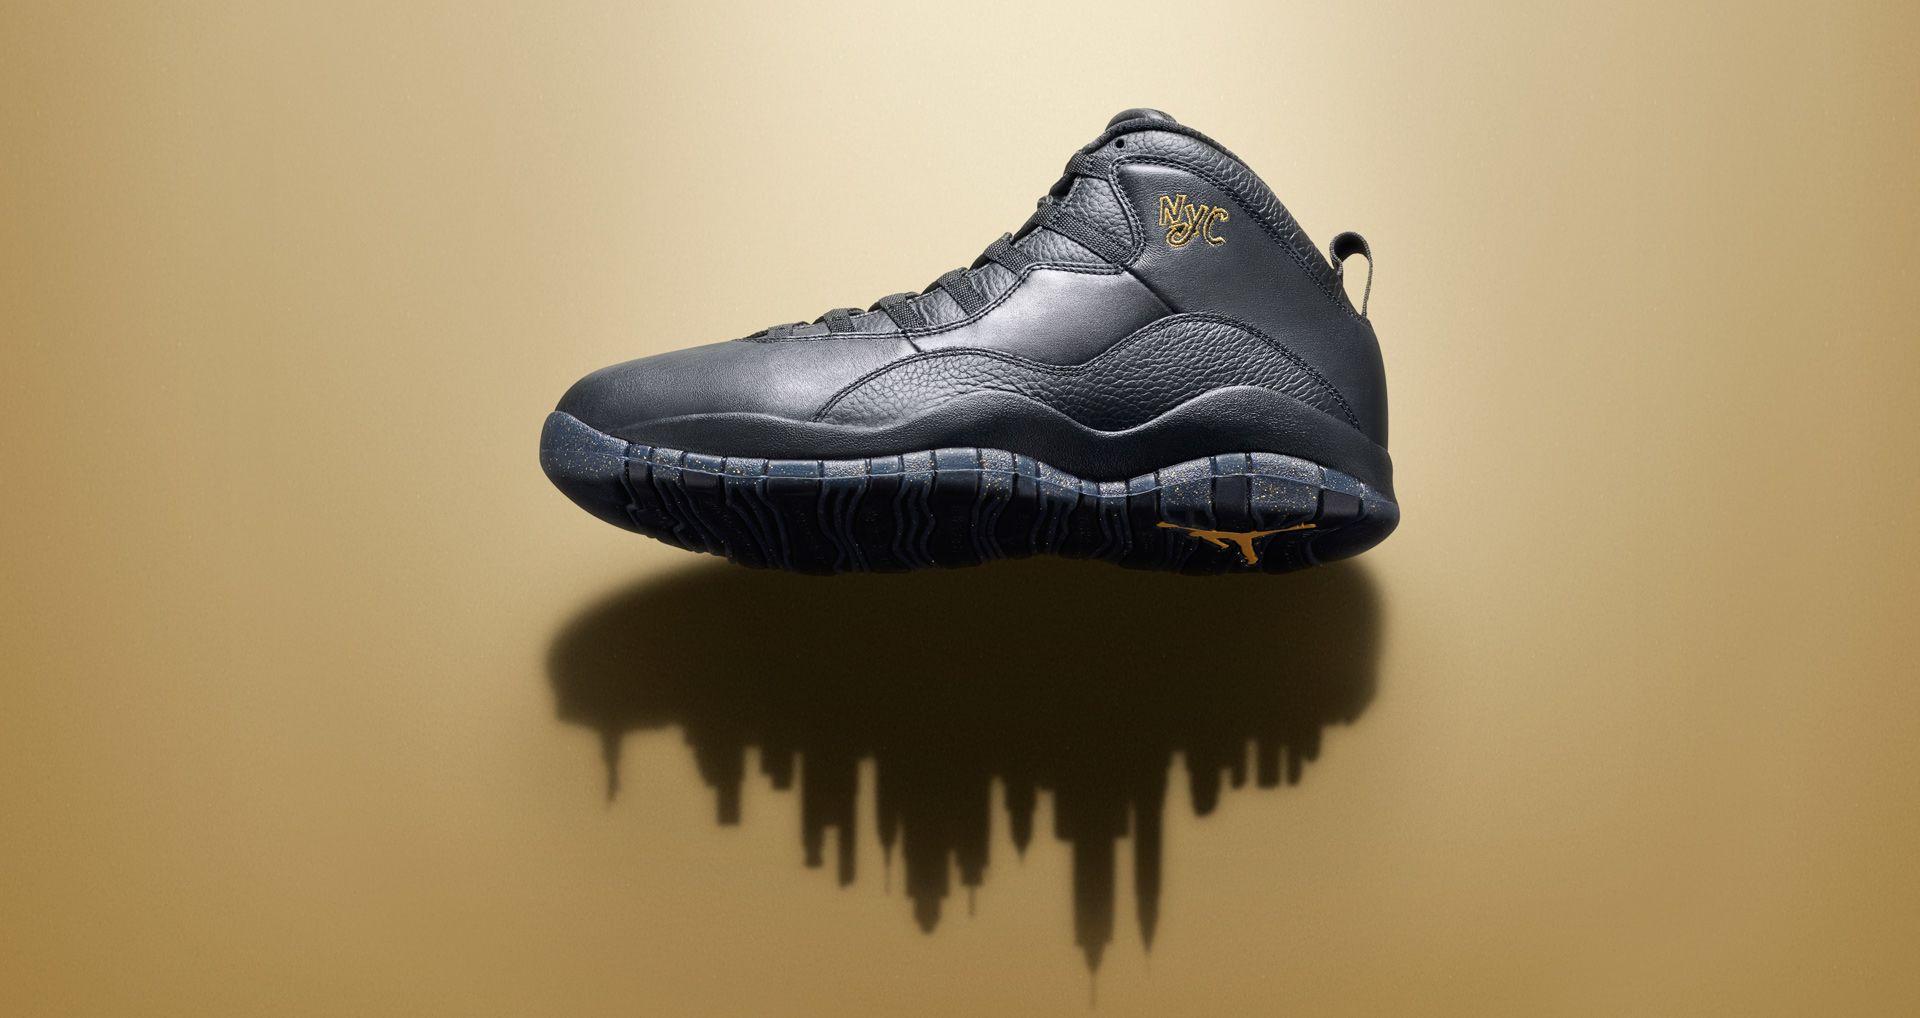 6c38d89b35c3ca Air Jordan 10 Retro  NYC  Release Date. Nike+ SNKRS